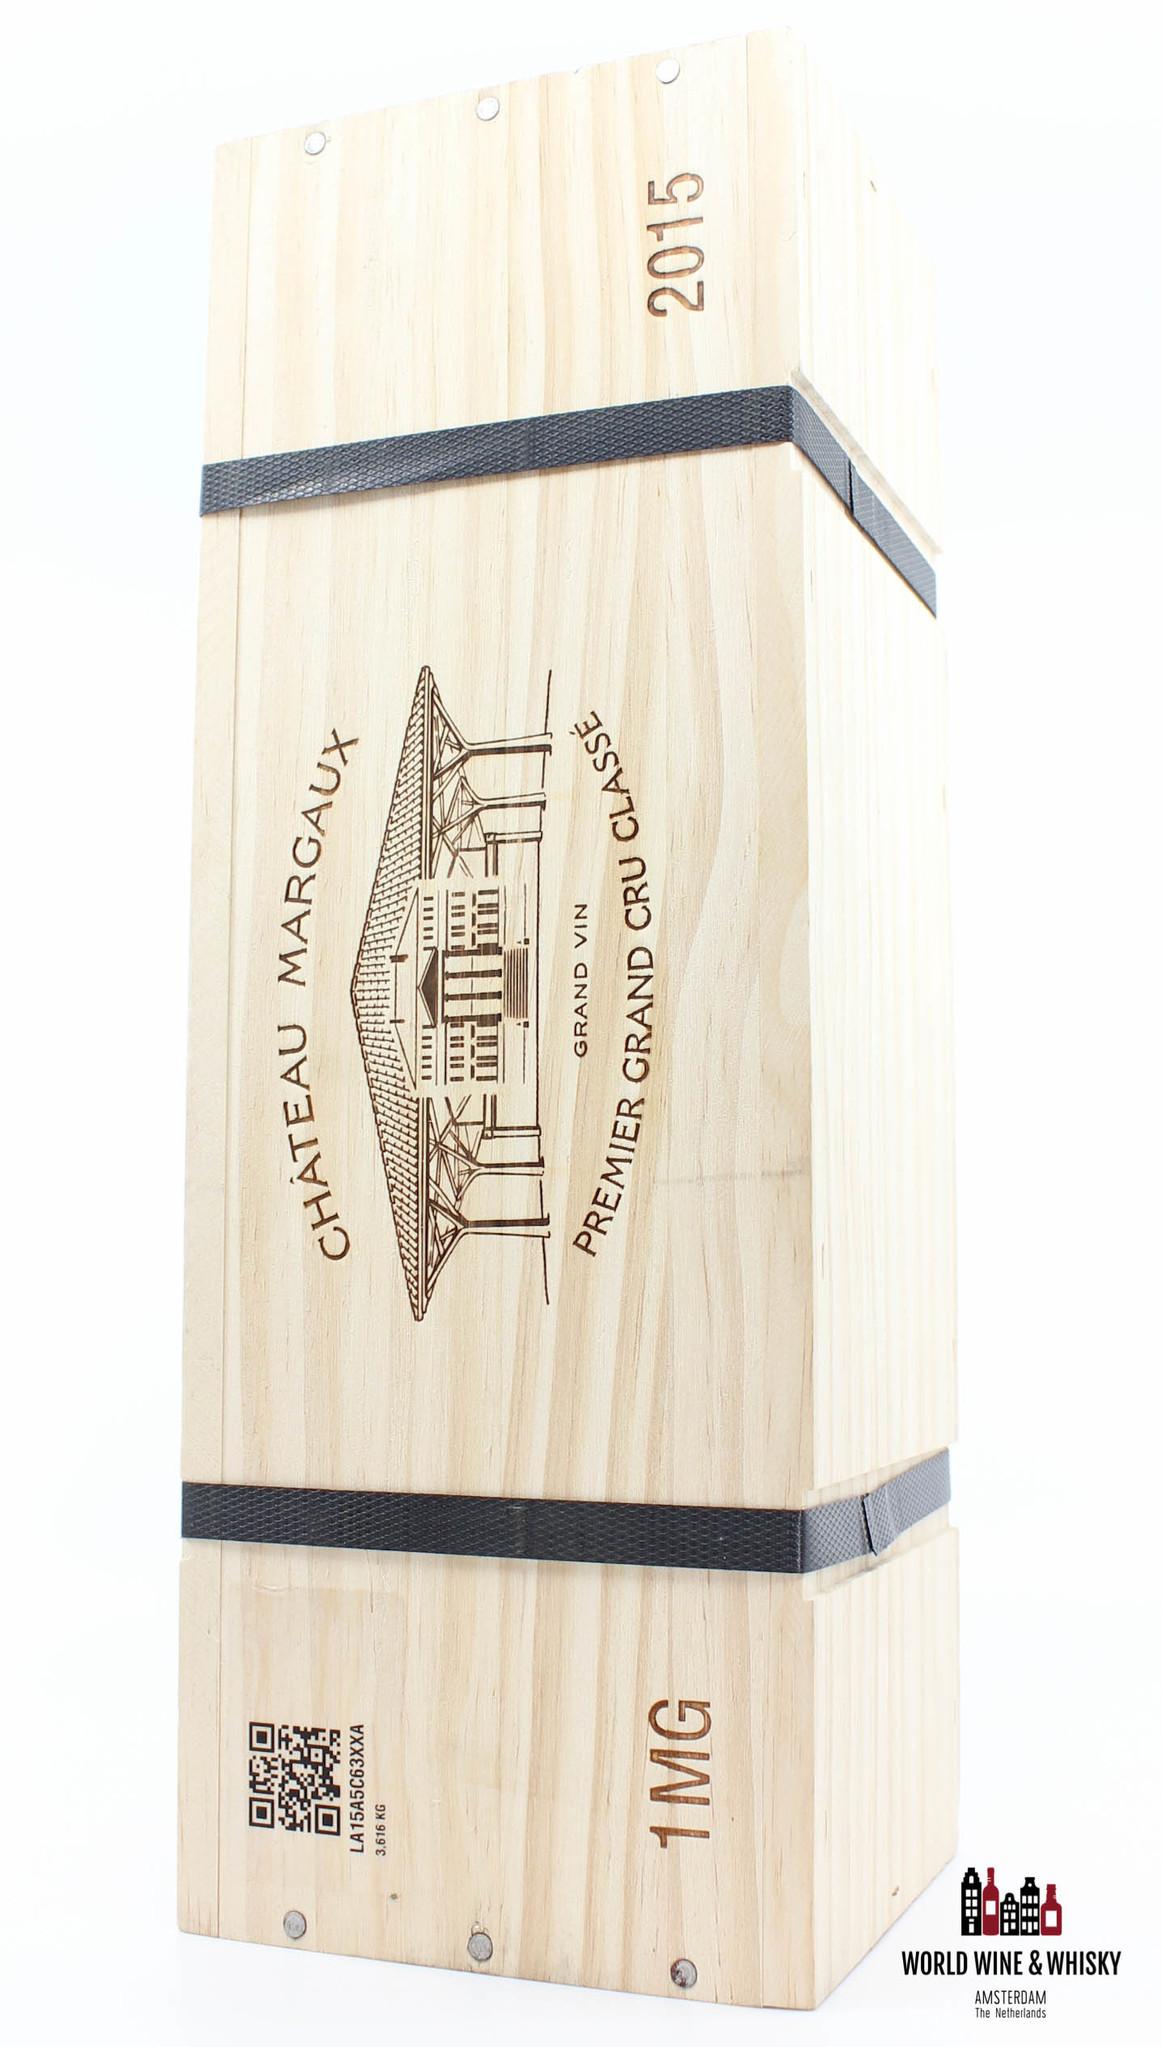 Chateau Margaux Chateau Margaux 2015 Magnum (1-bottle OWC)